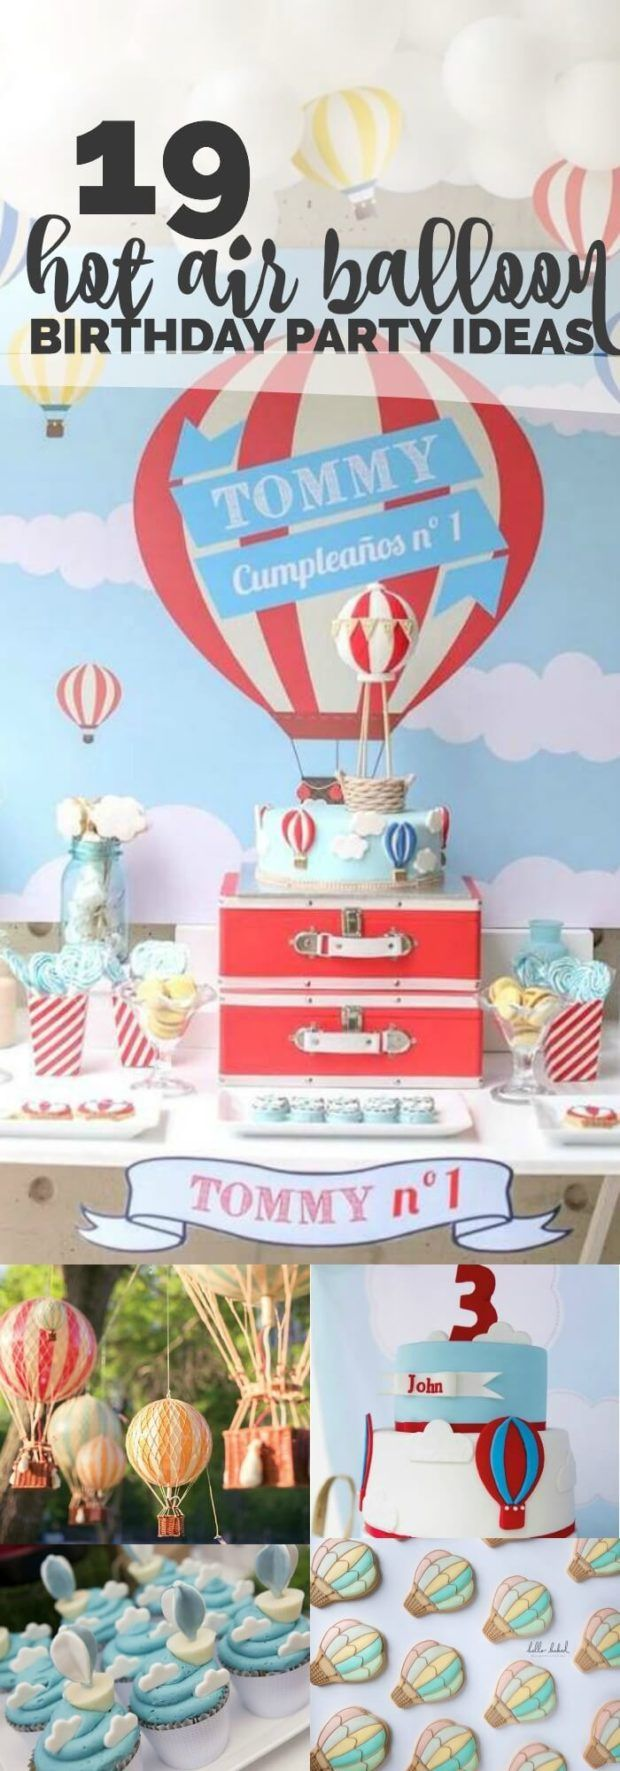 19 Ideen und Dekorationen für eine Heißluftballonparty